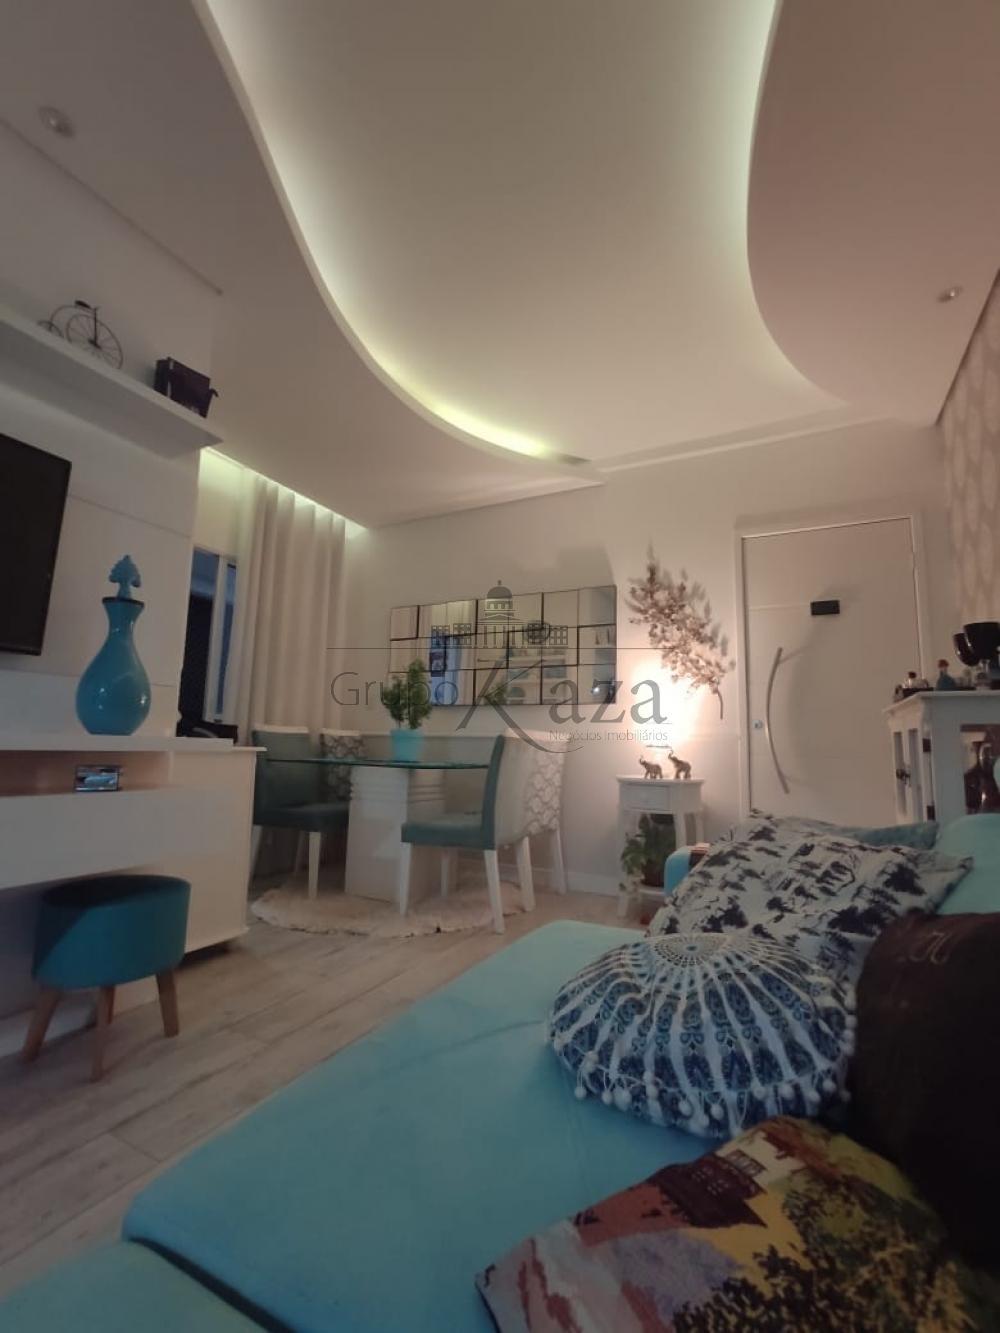 Alugar Apartamento / Padrão em Jacareí R$ 1.400,00 - Foto 2